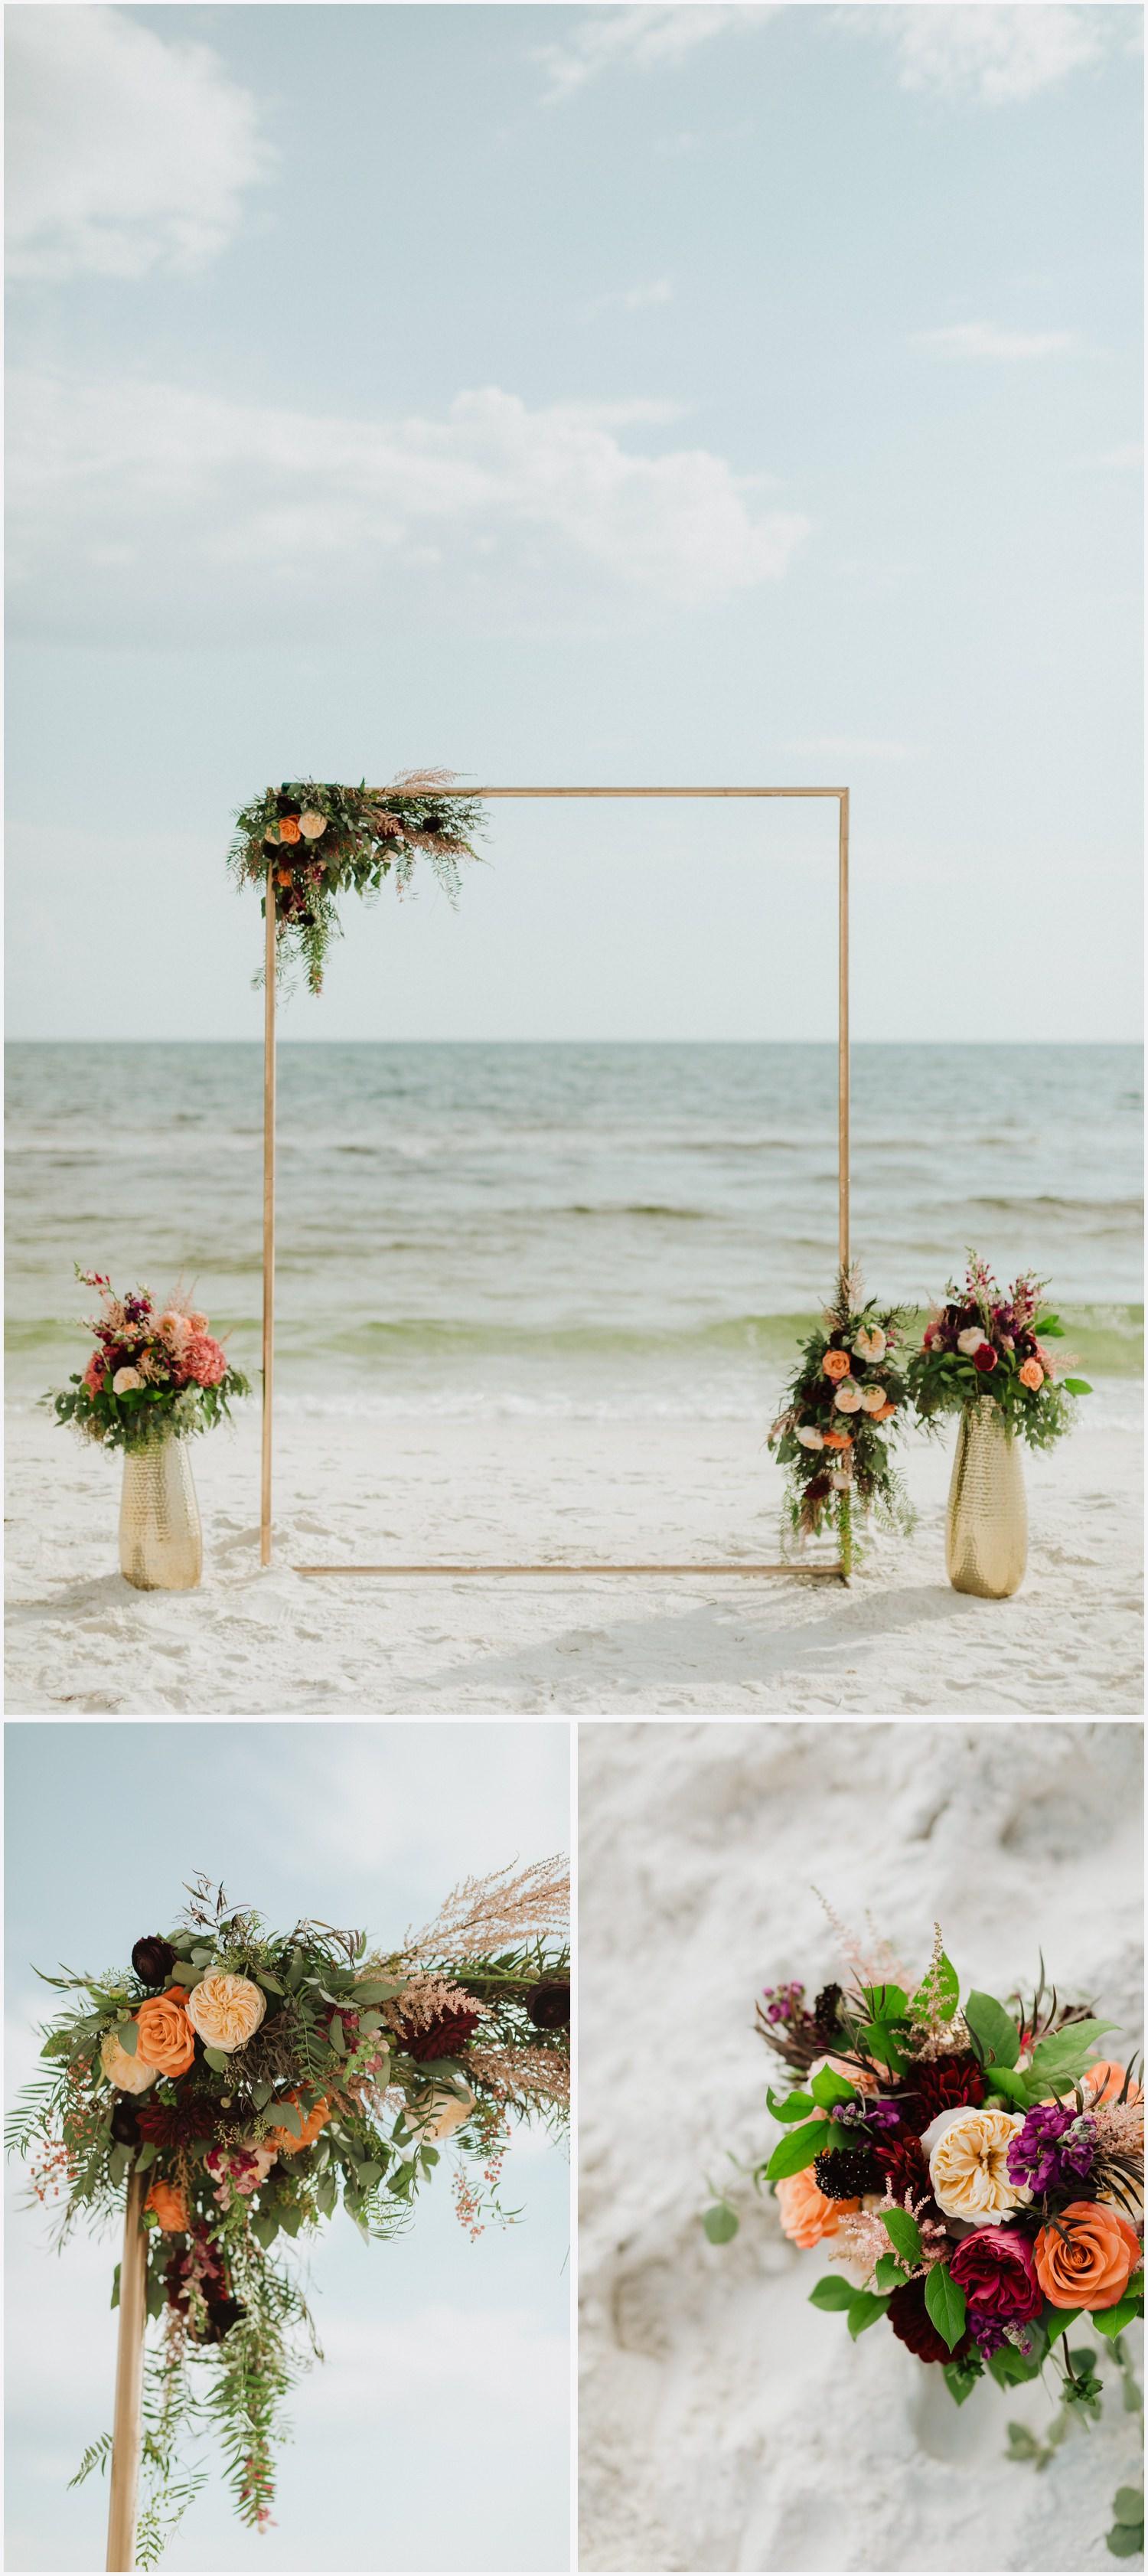 Ceremony decor at a Rosemary Beach wedding